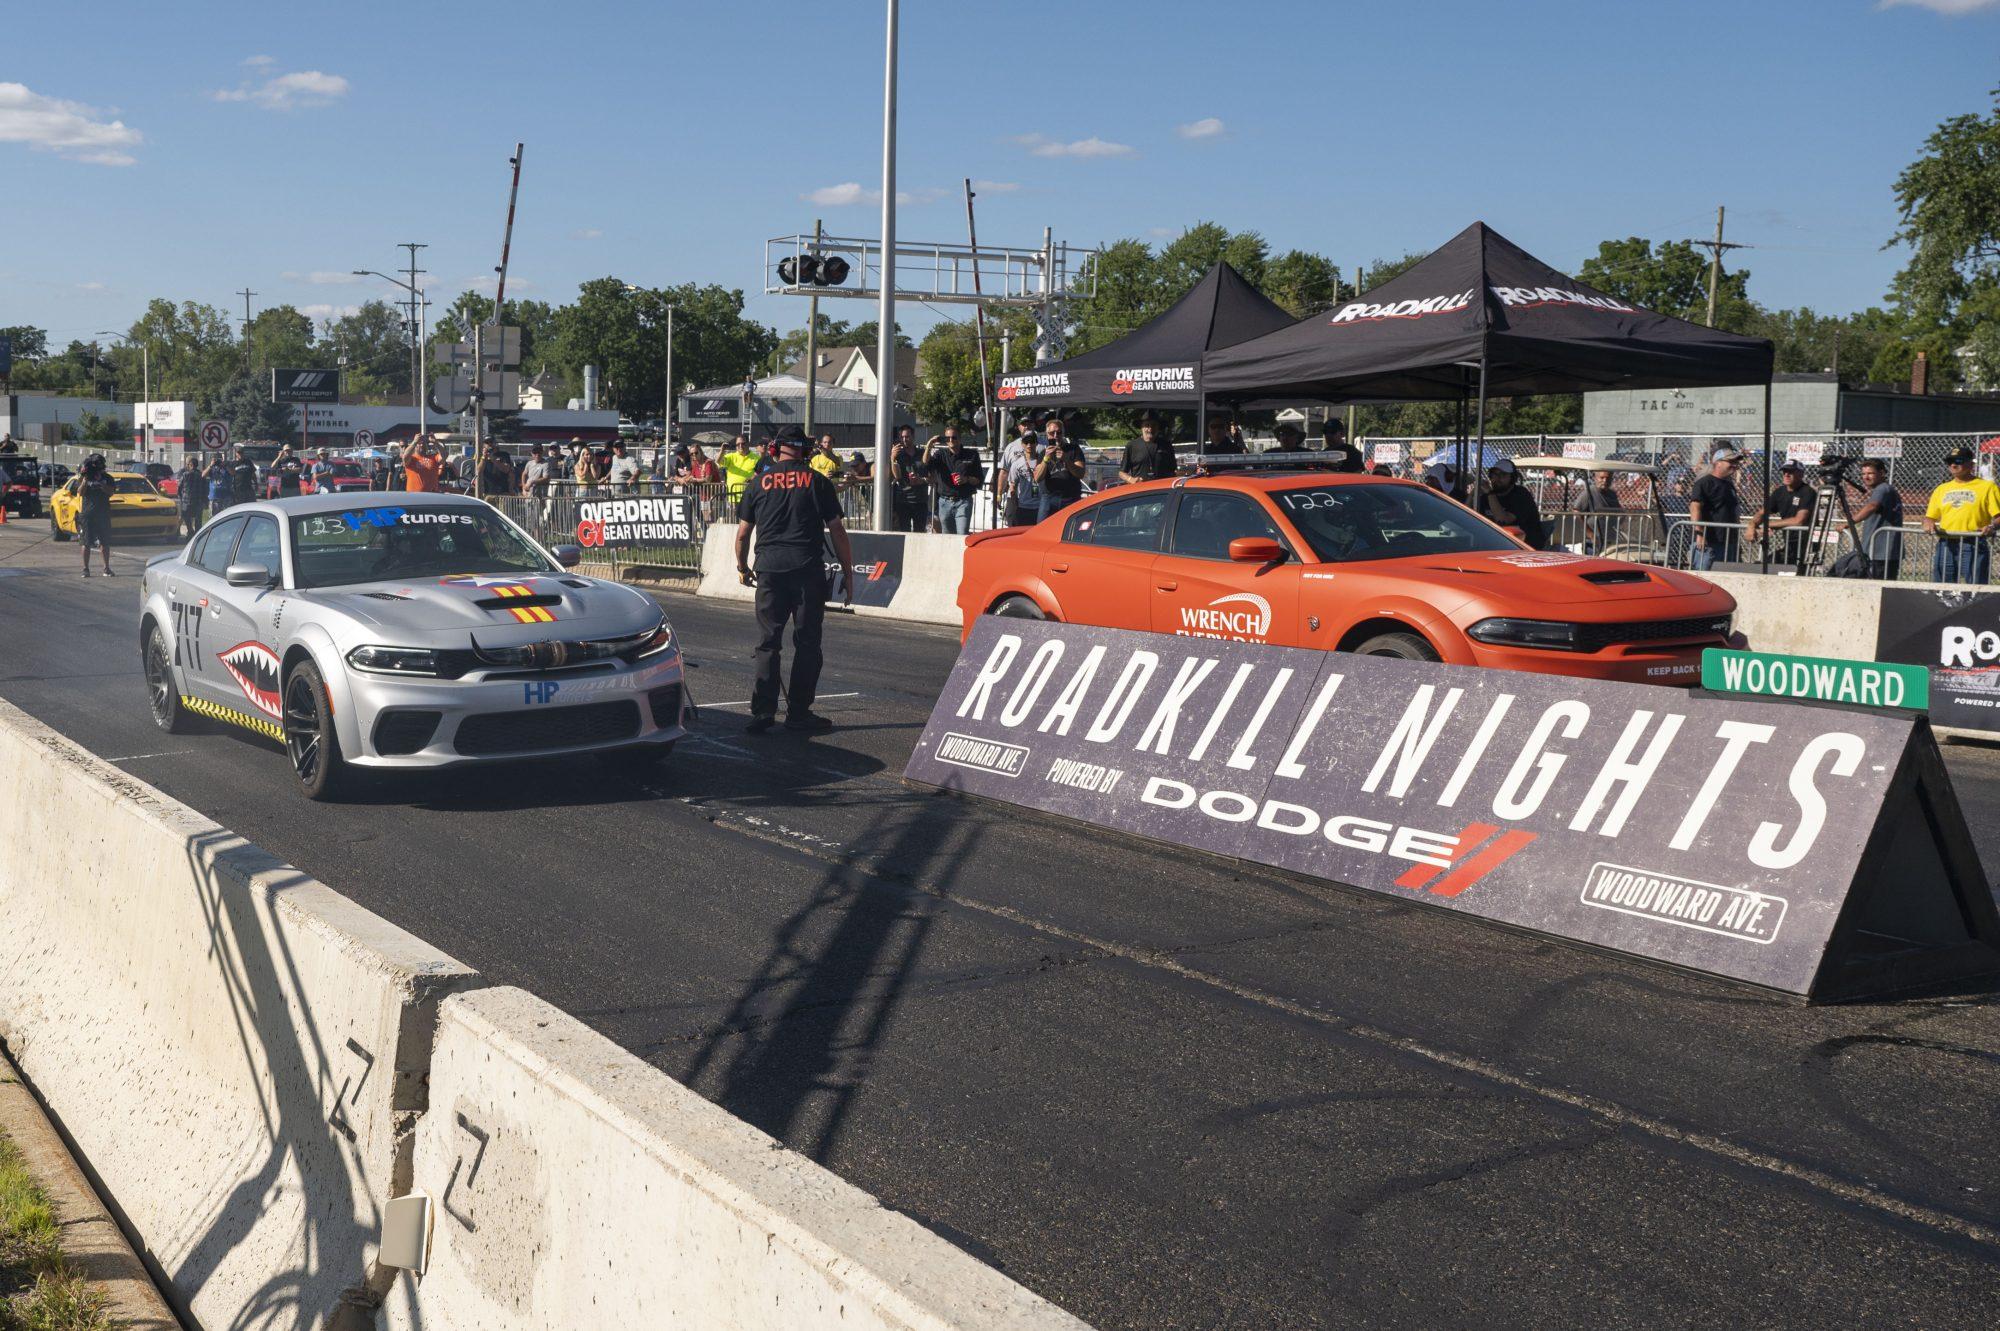 2 Chargers drag racing at Roadkill Nights